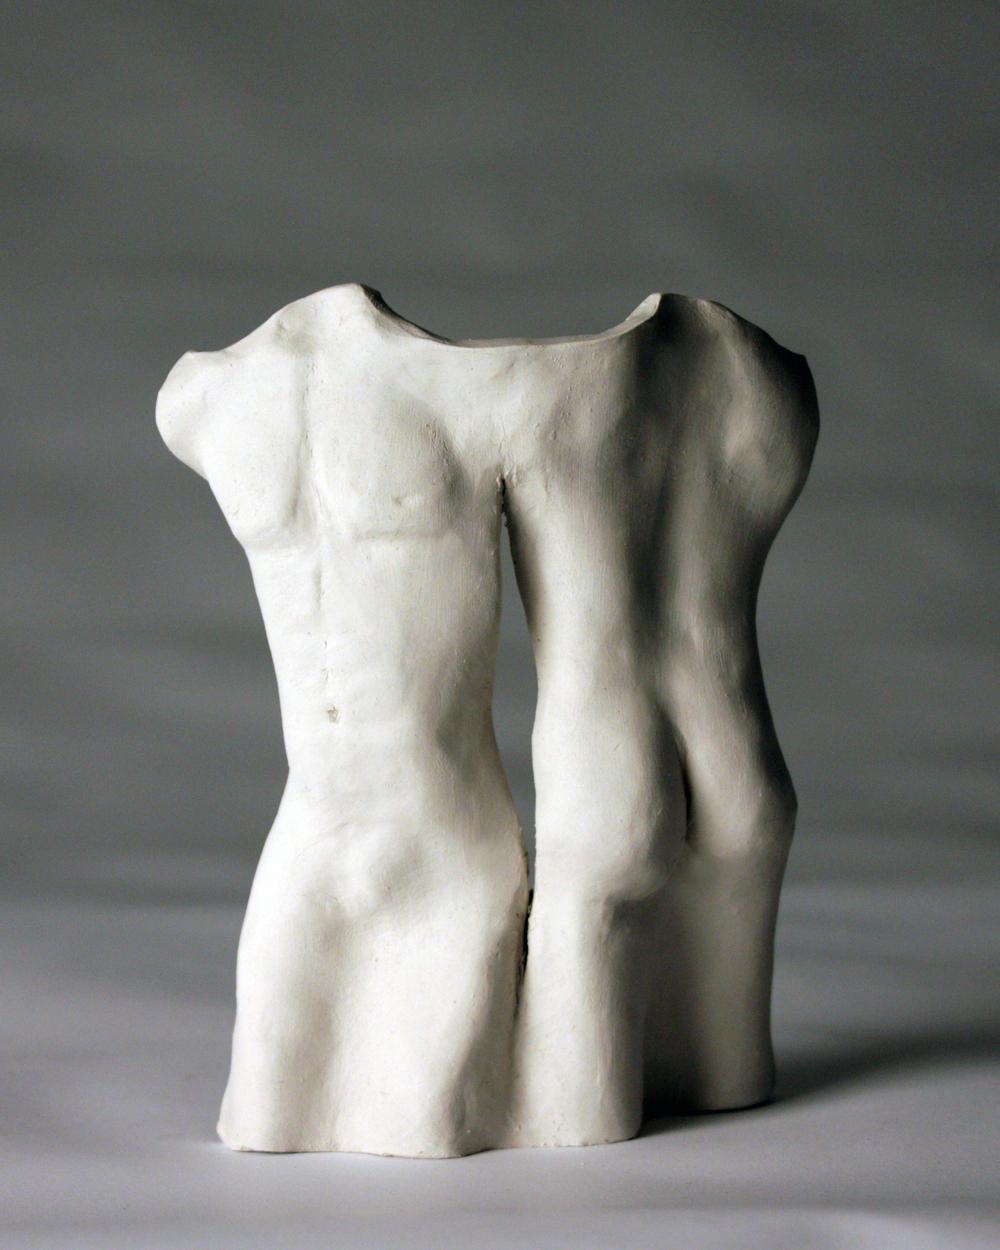 Kuros 2 - Ceramic - 2010